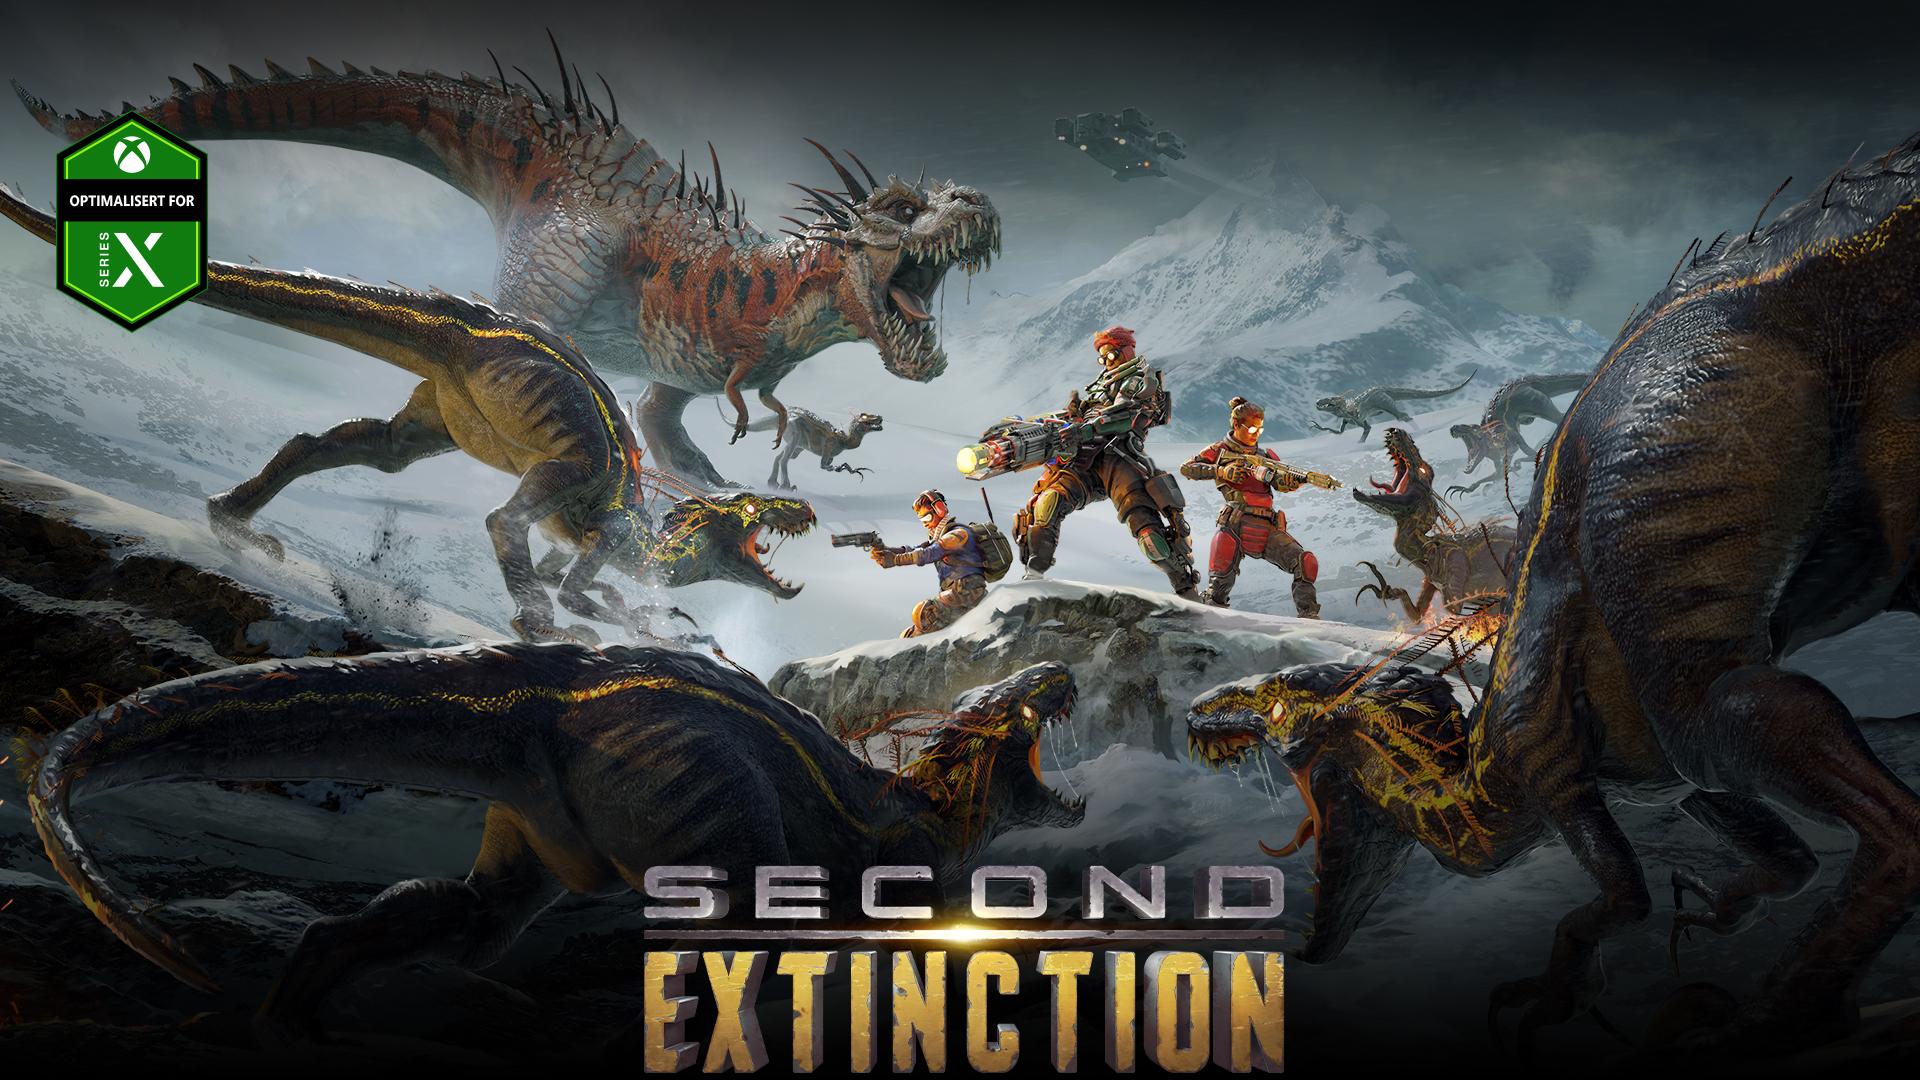 Second Extinction, optimalisert for Series X, en gruppe karakterer sammenstøter med en gruppe dinosaurer.